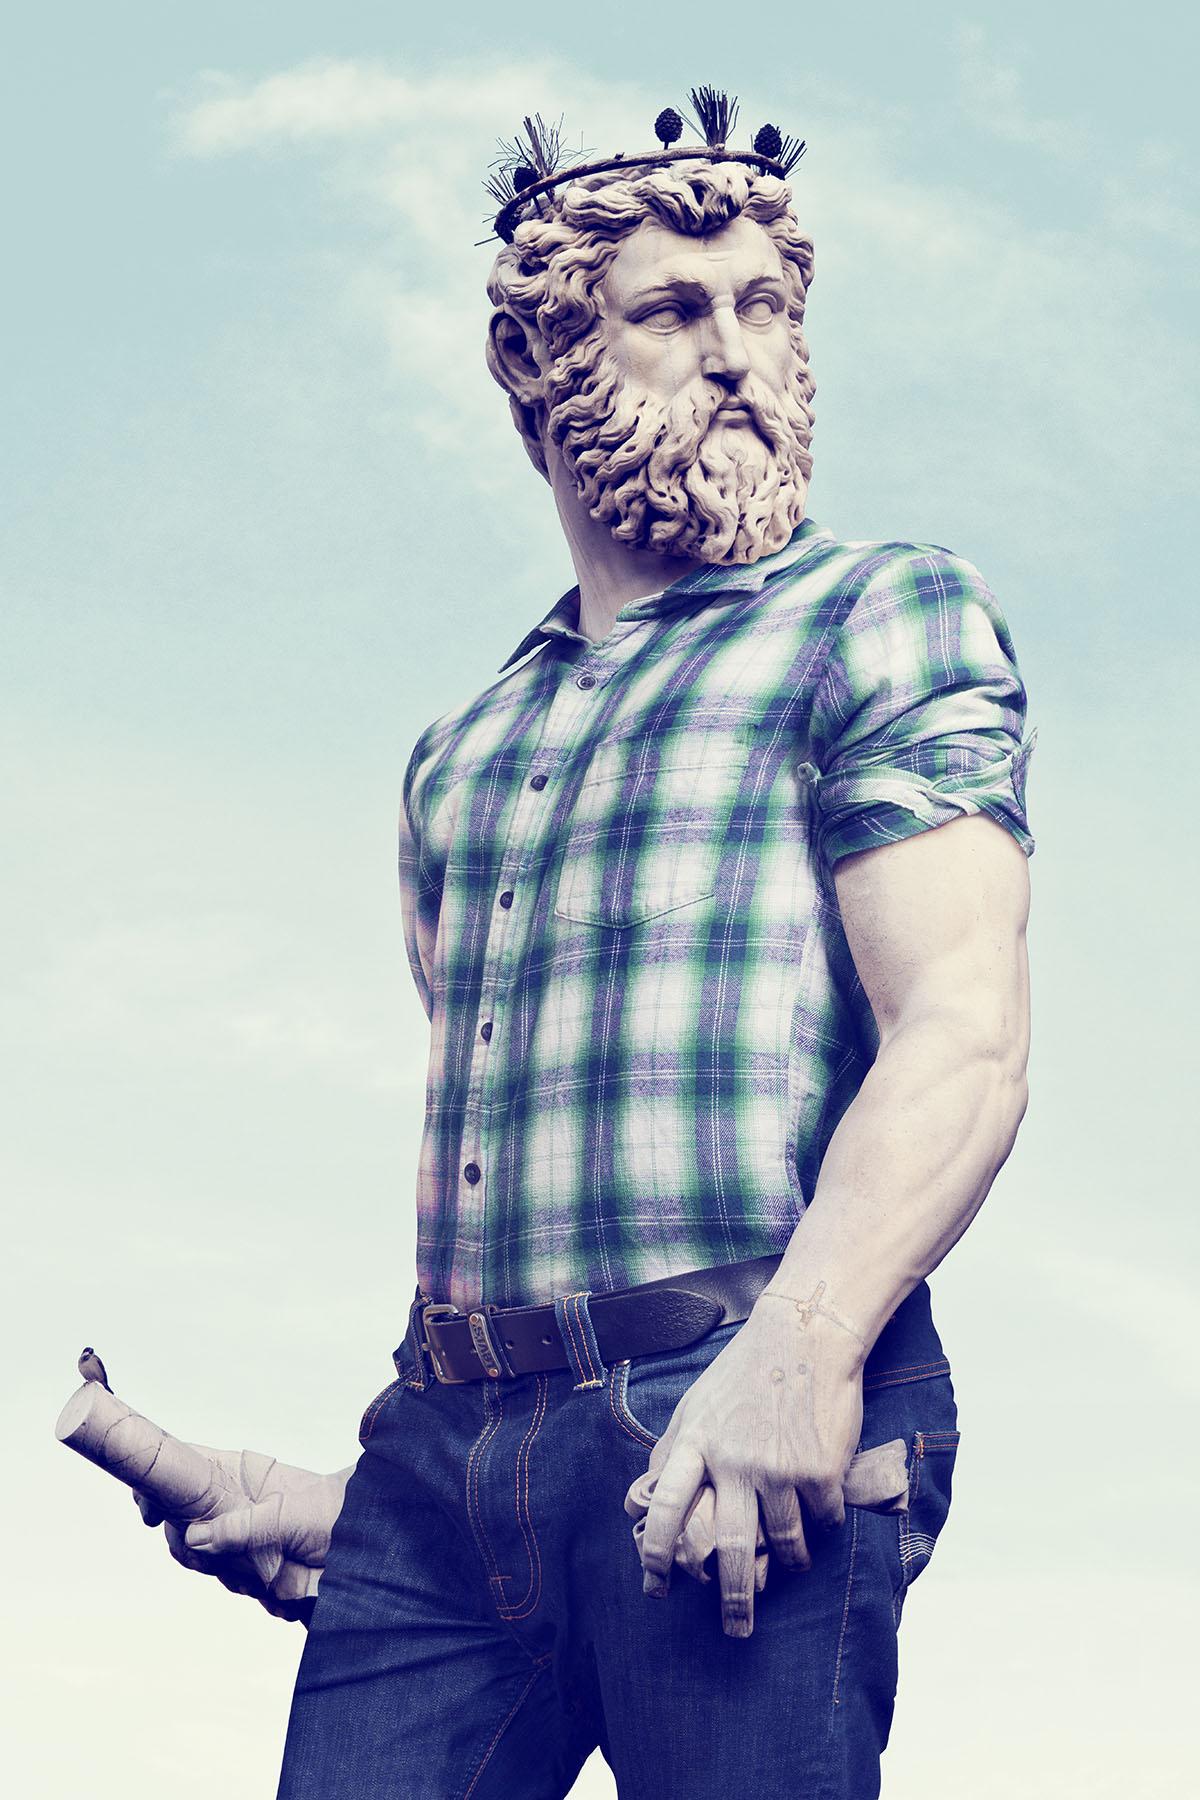 """Léo Caillard, z cyklu """"Hipsterzy z kamienia"""", 2013, fotografia, 120 × 180 cm, dzięki uprzejmości L. Caillarda (źródło: materiały prasowe organizatora)"""